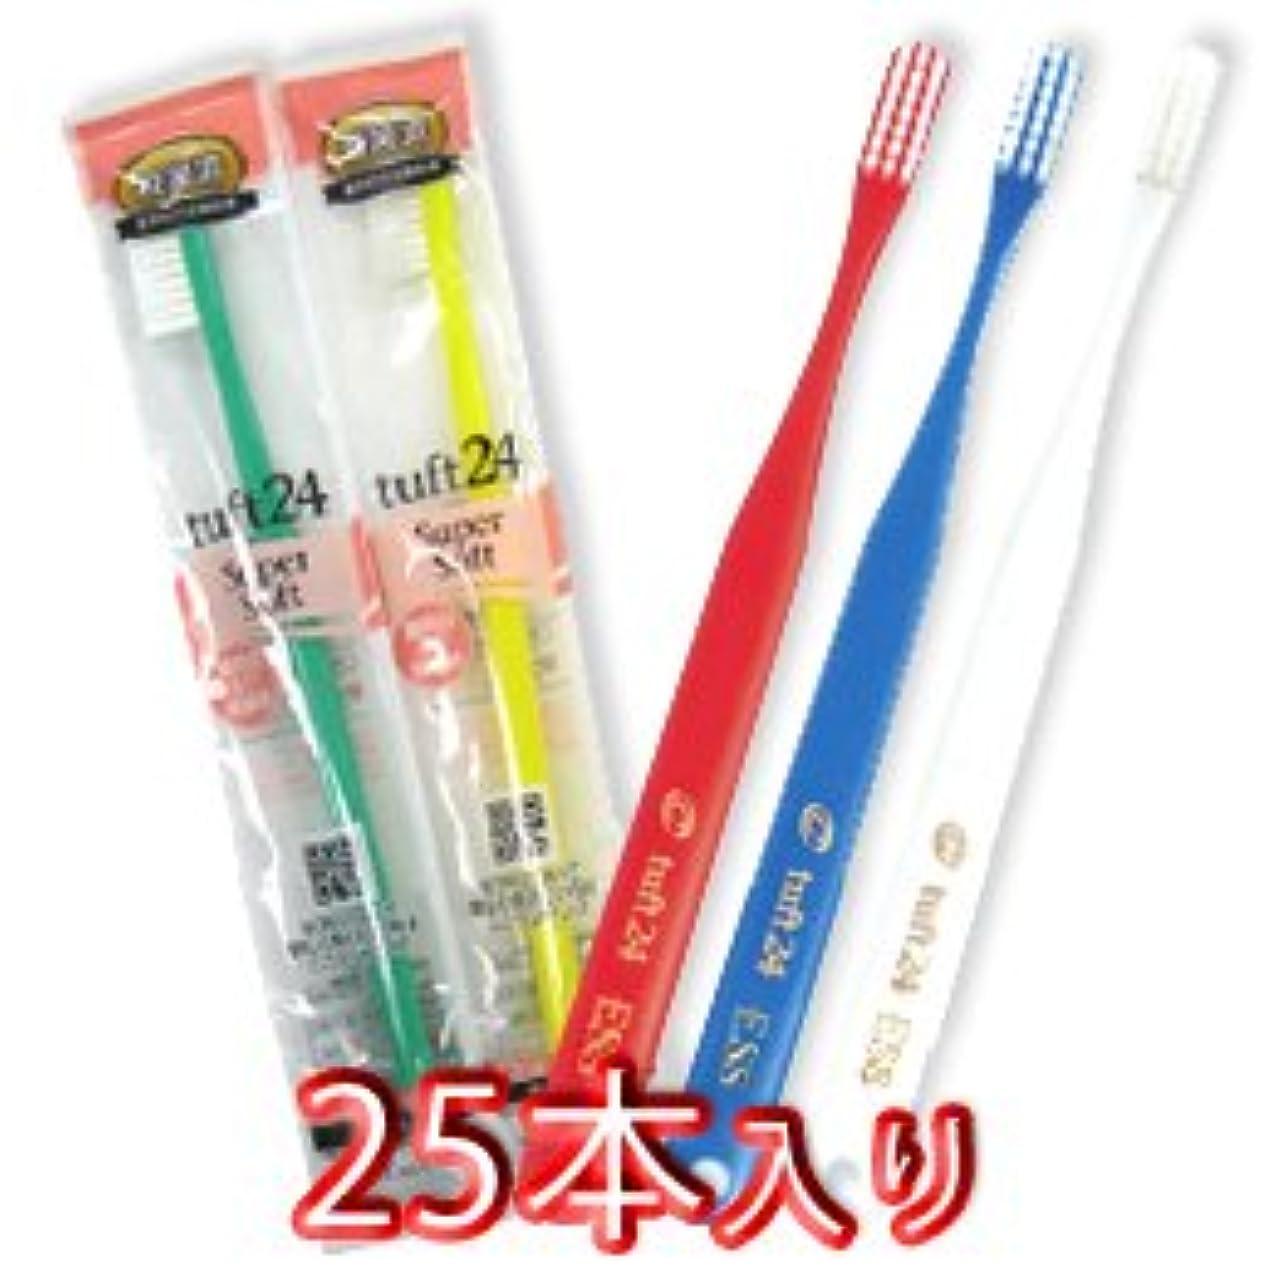 揮発性蘇生するシールドキャップ付き タフト 24 歯ブラシ スーパーソフト 25本 (アソート)